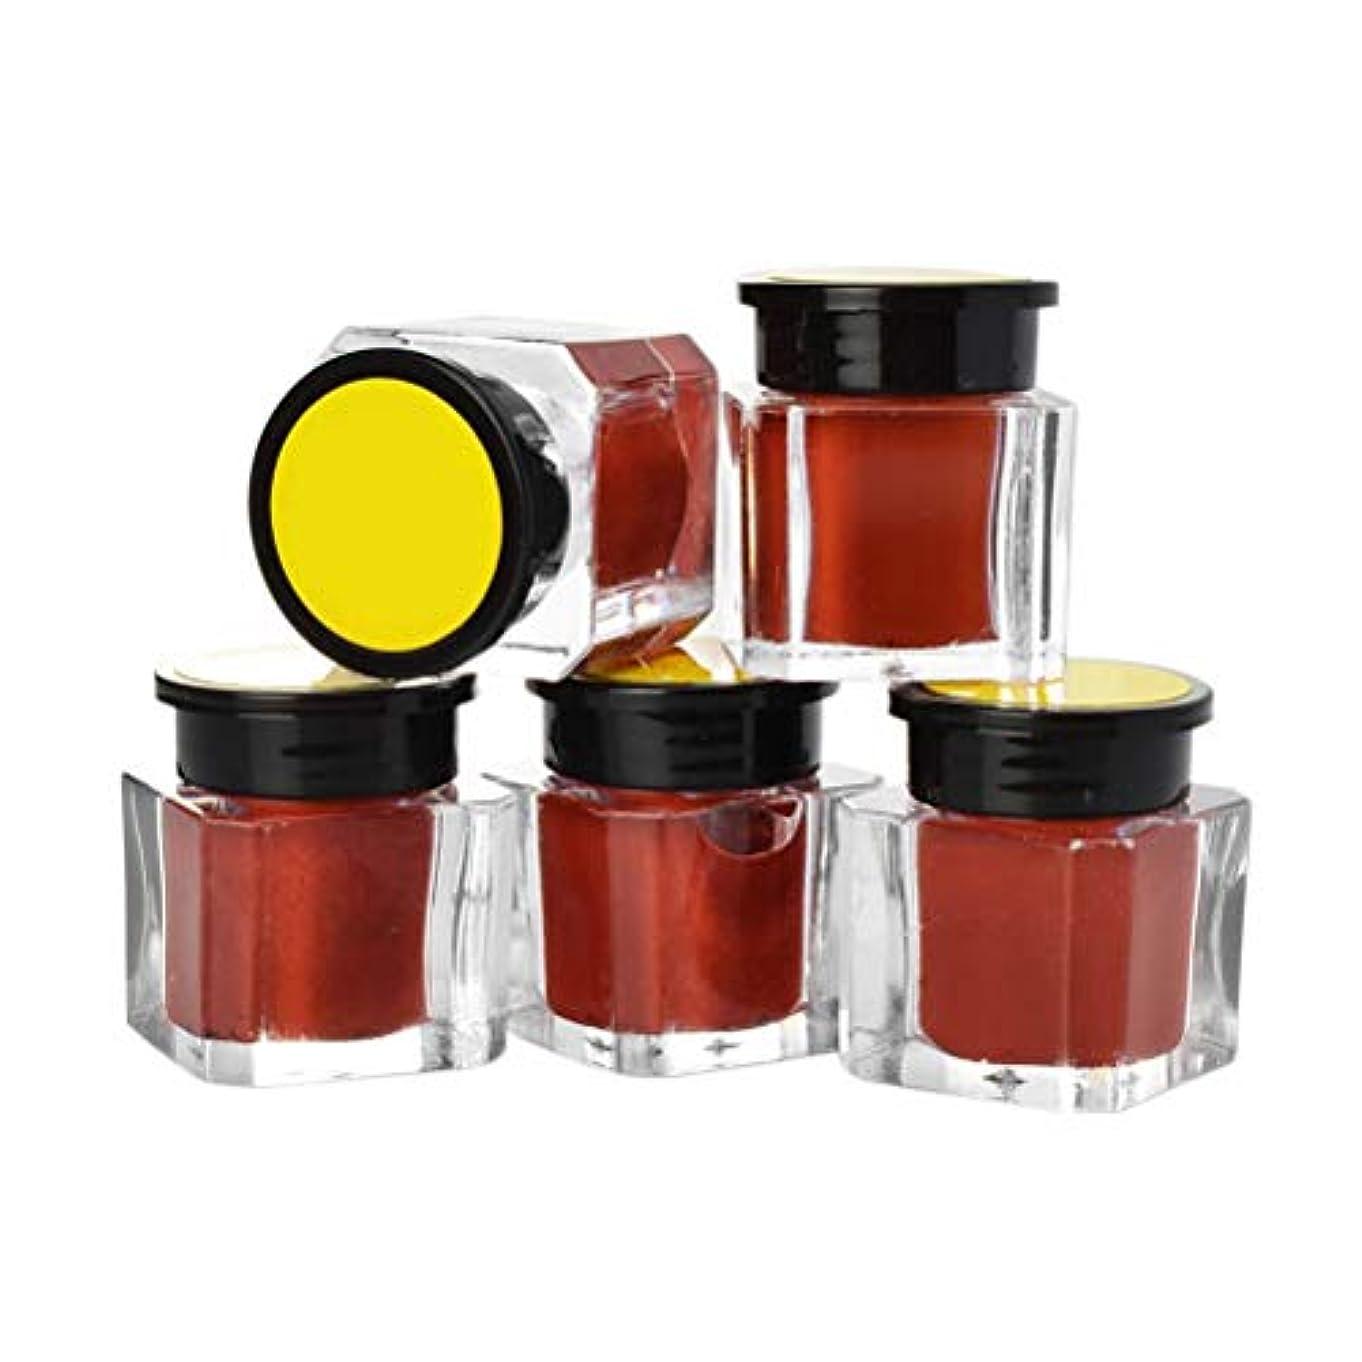 ファシズム感染する全体にSUPVOX 5本タトゥー顔料インク眉アイライナーボディーアート塗料マイクロブレード色(コーヒー)